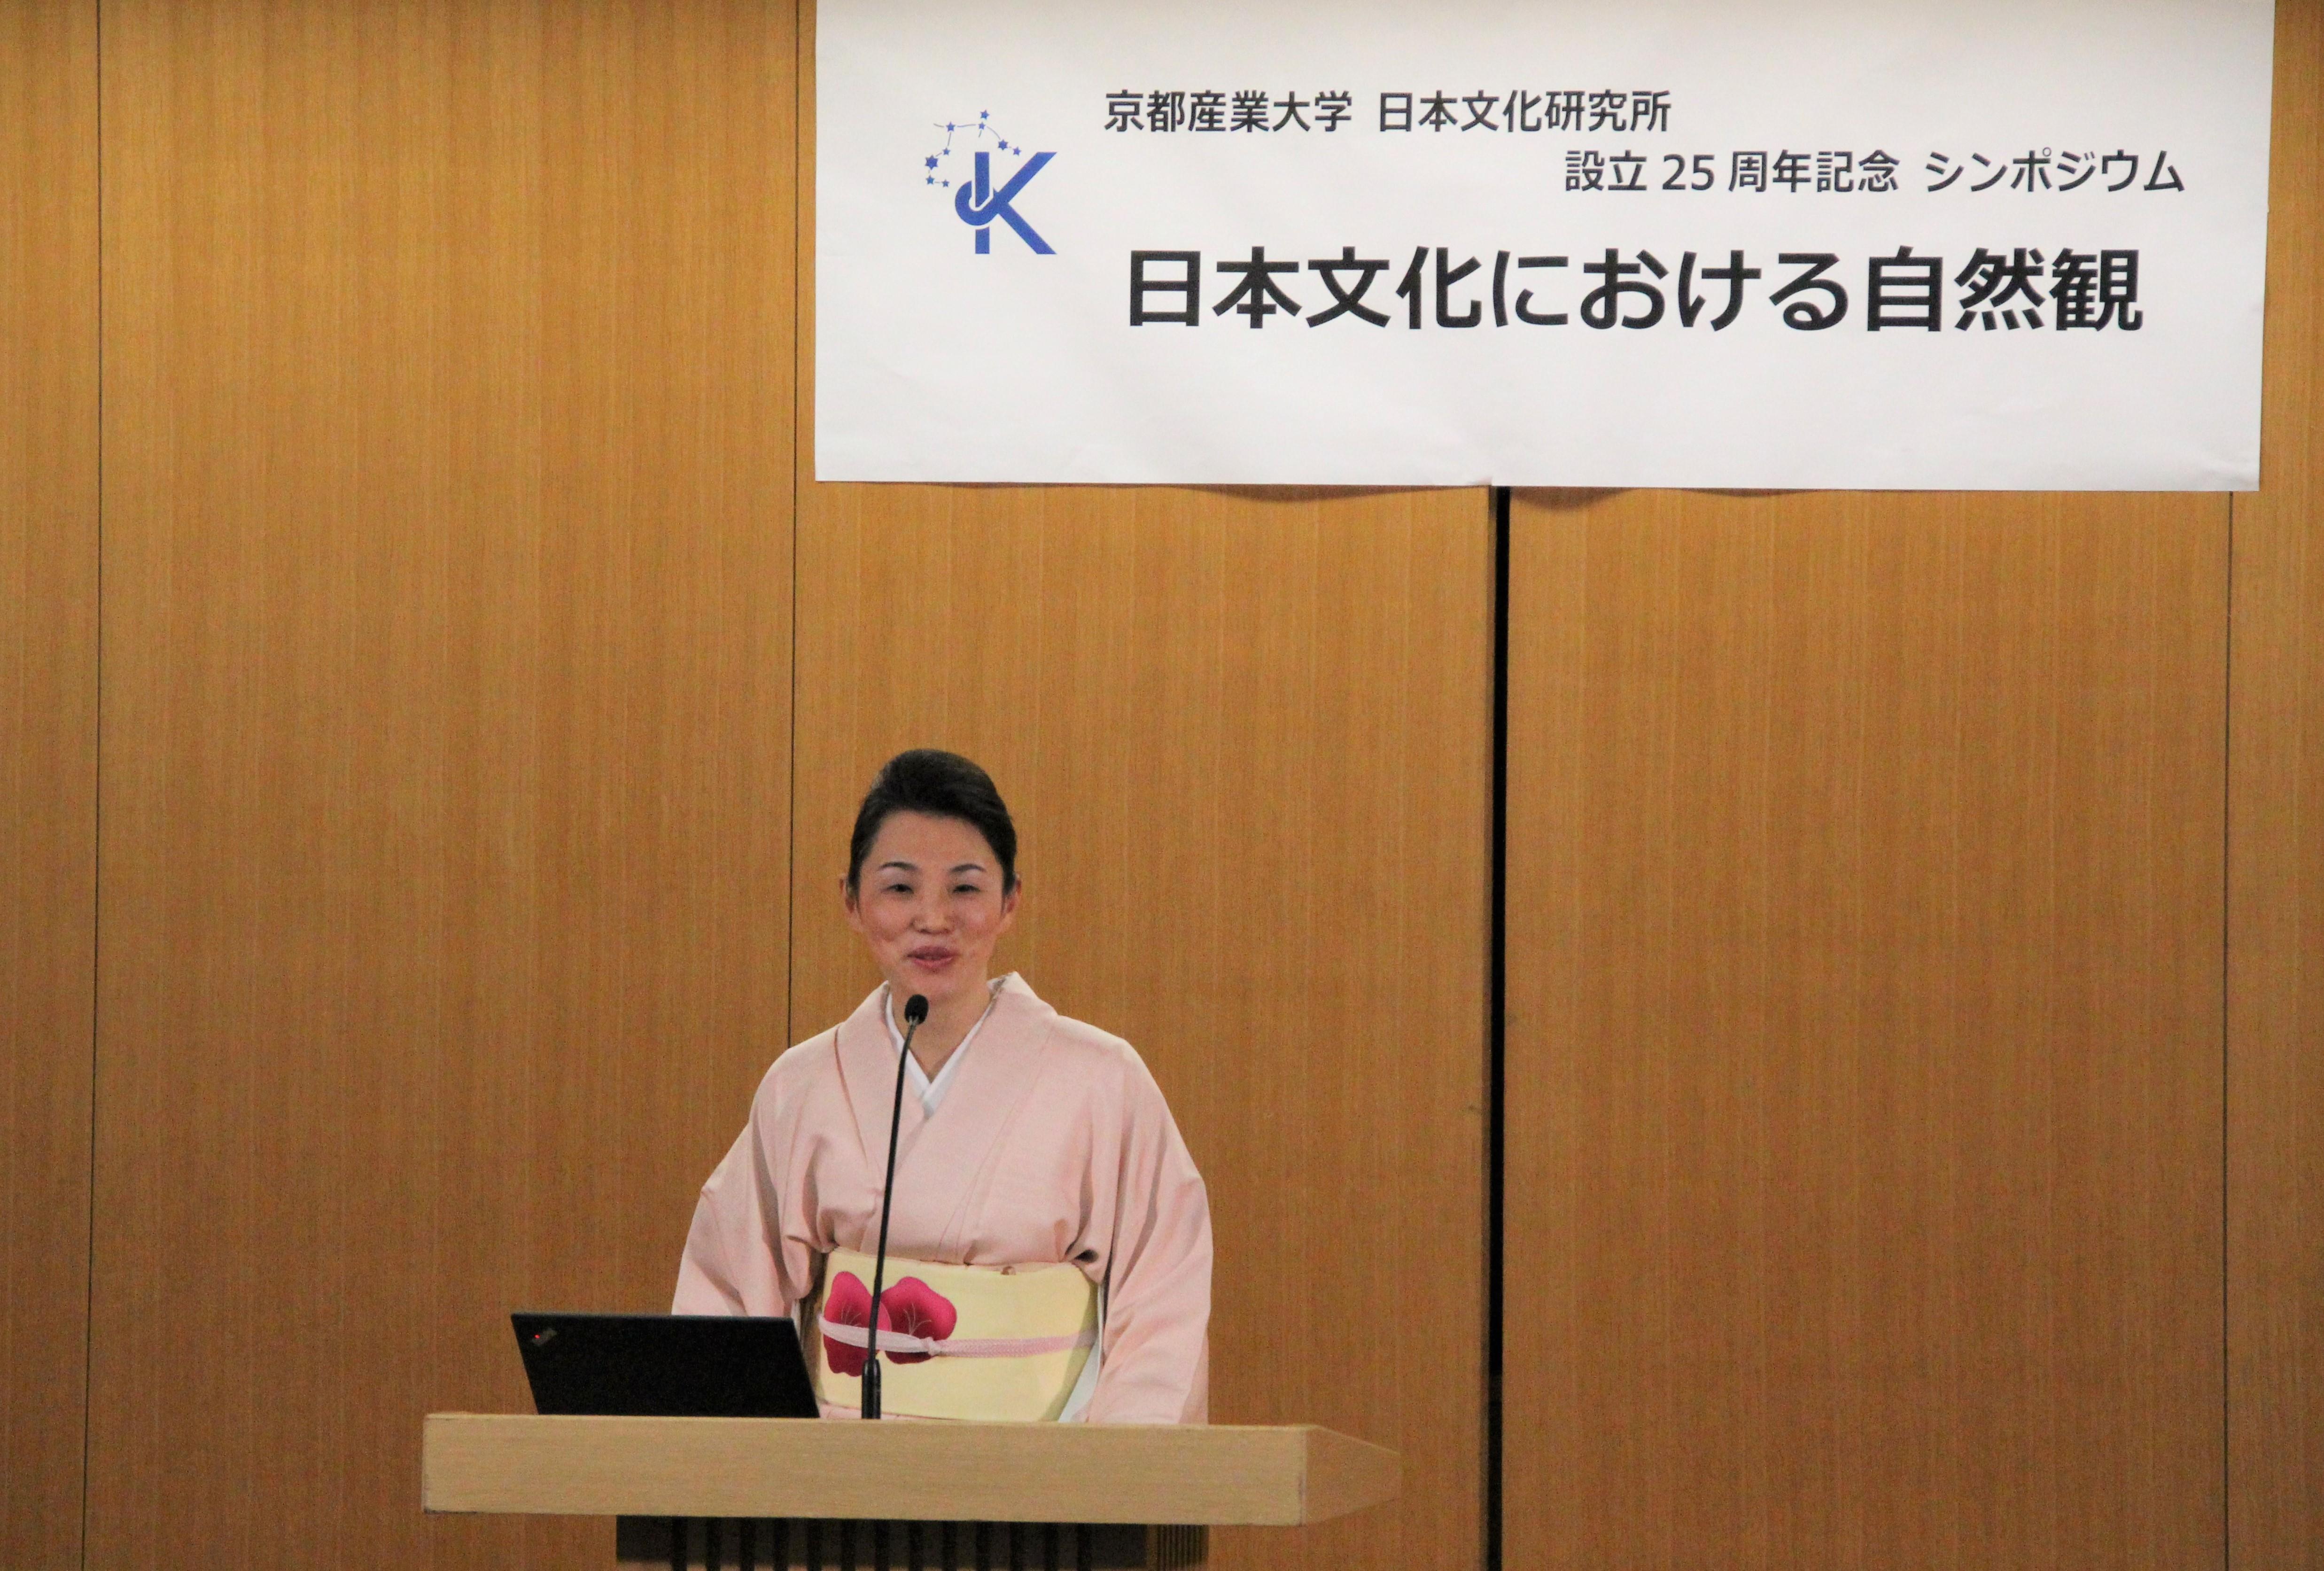 【京都産業大学】日本文化研究所設立25周年記念シンポジウム「日本文化における自然観」で彬子女王殿下と池坊専好氏が対談